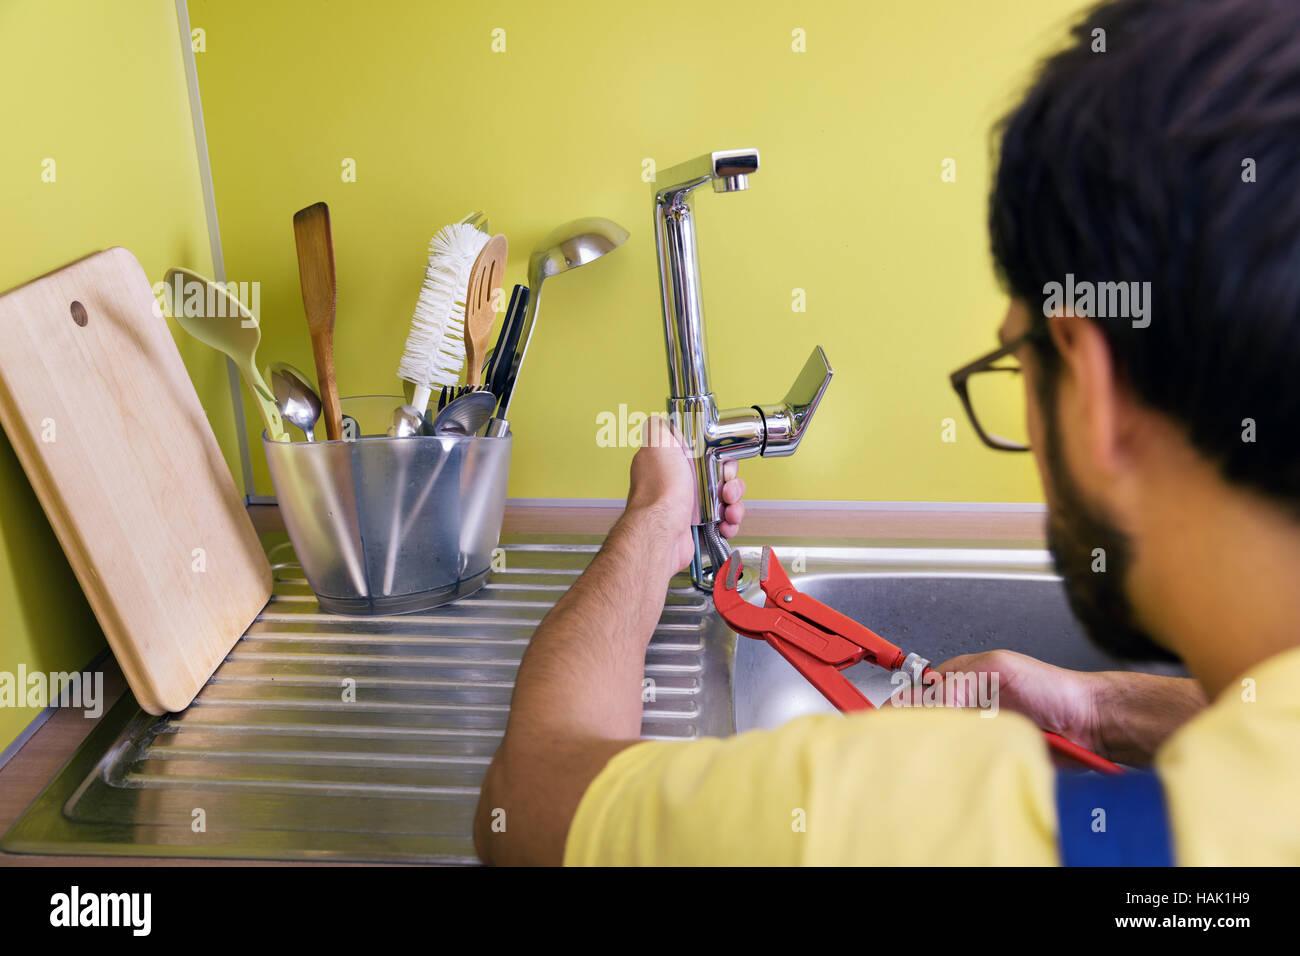 Outdoorküche Mit Kühlschrank Reparieren : Wasserhahn in der küche reparieren hornbach arbeitsplatten küche